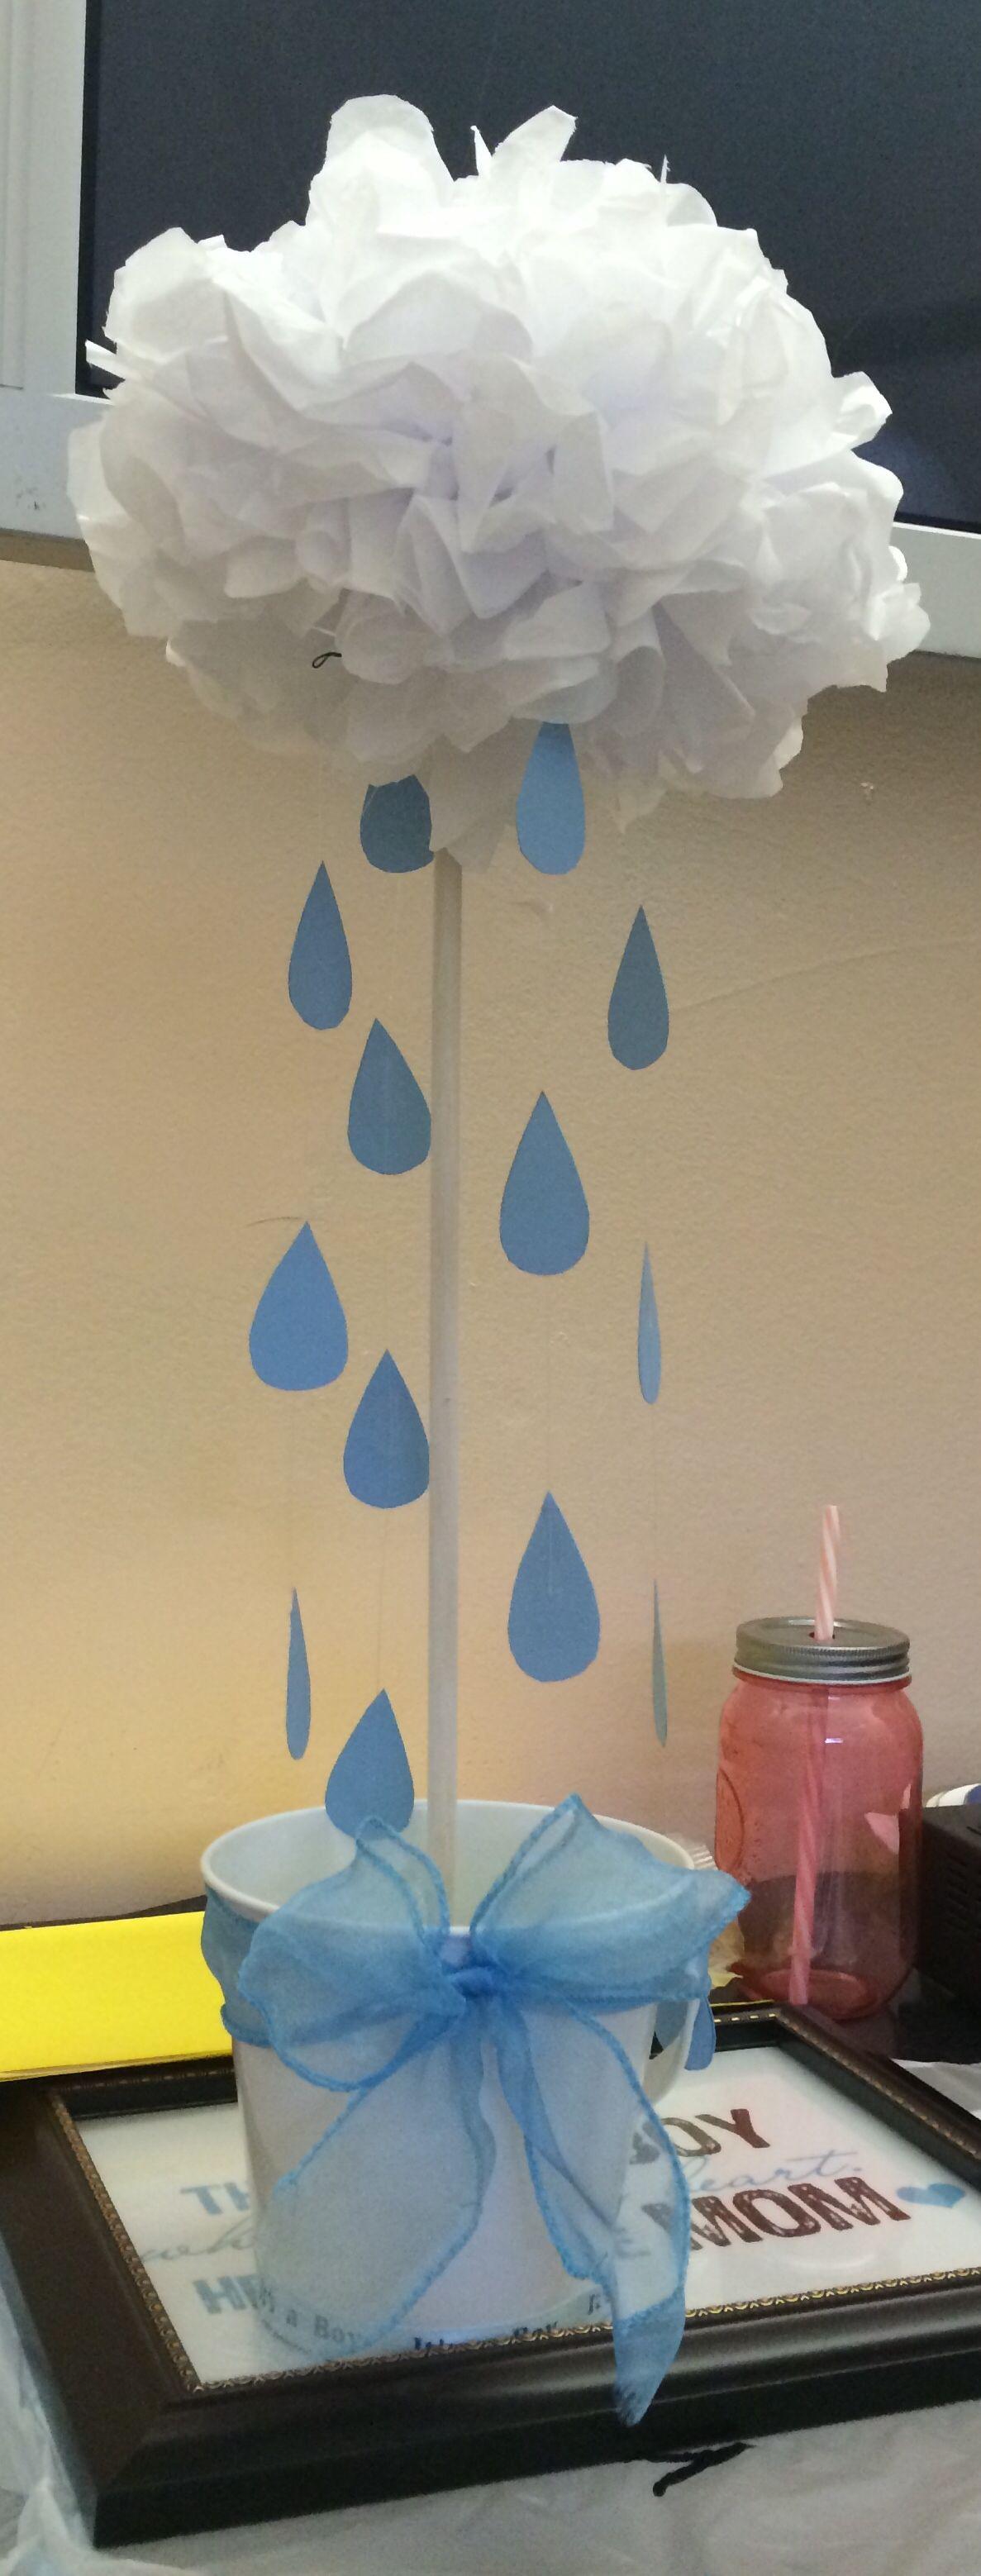 Centerpiece Bautizo Originales : Ideas para bautizo 💖 tips originales de niño y niña